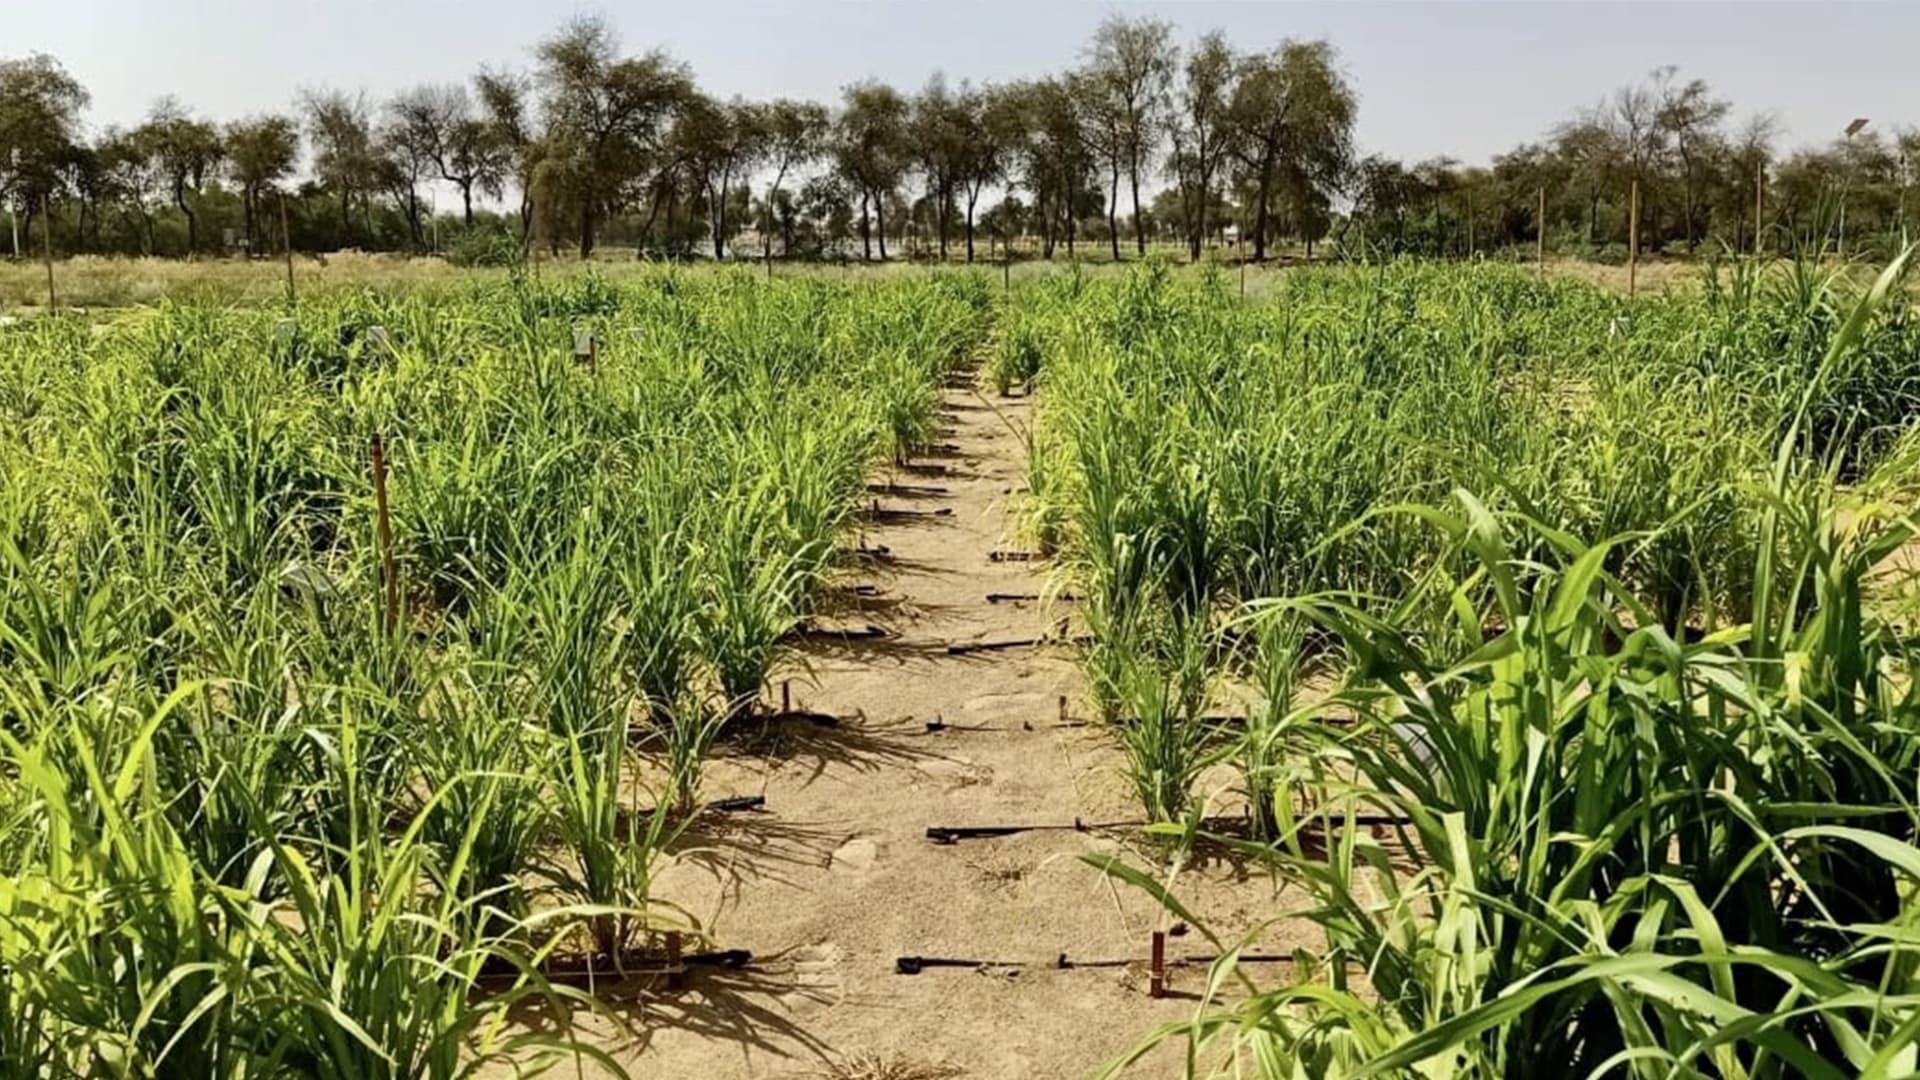 سائل فريد يحول الأراضي القاحلة لأراضي صالحة للزراعة بـ7 ساعات فقط.. هل تتحول دبي لجنة خضراء قريباً؟